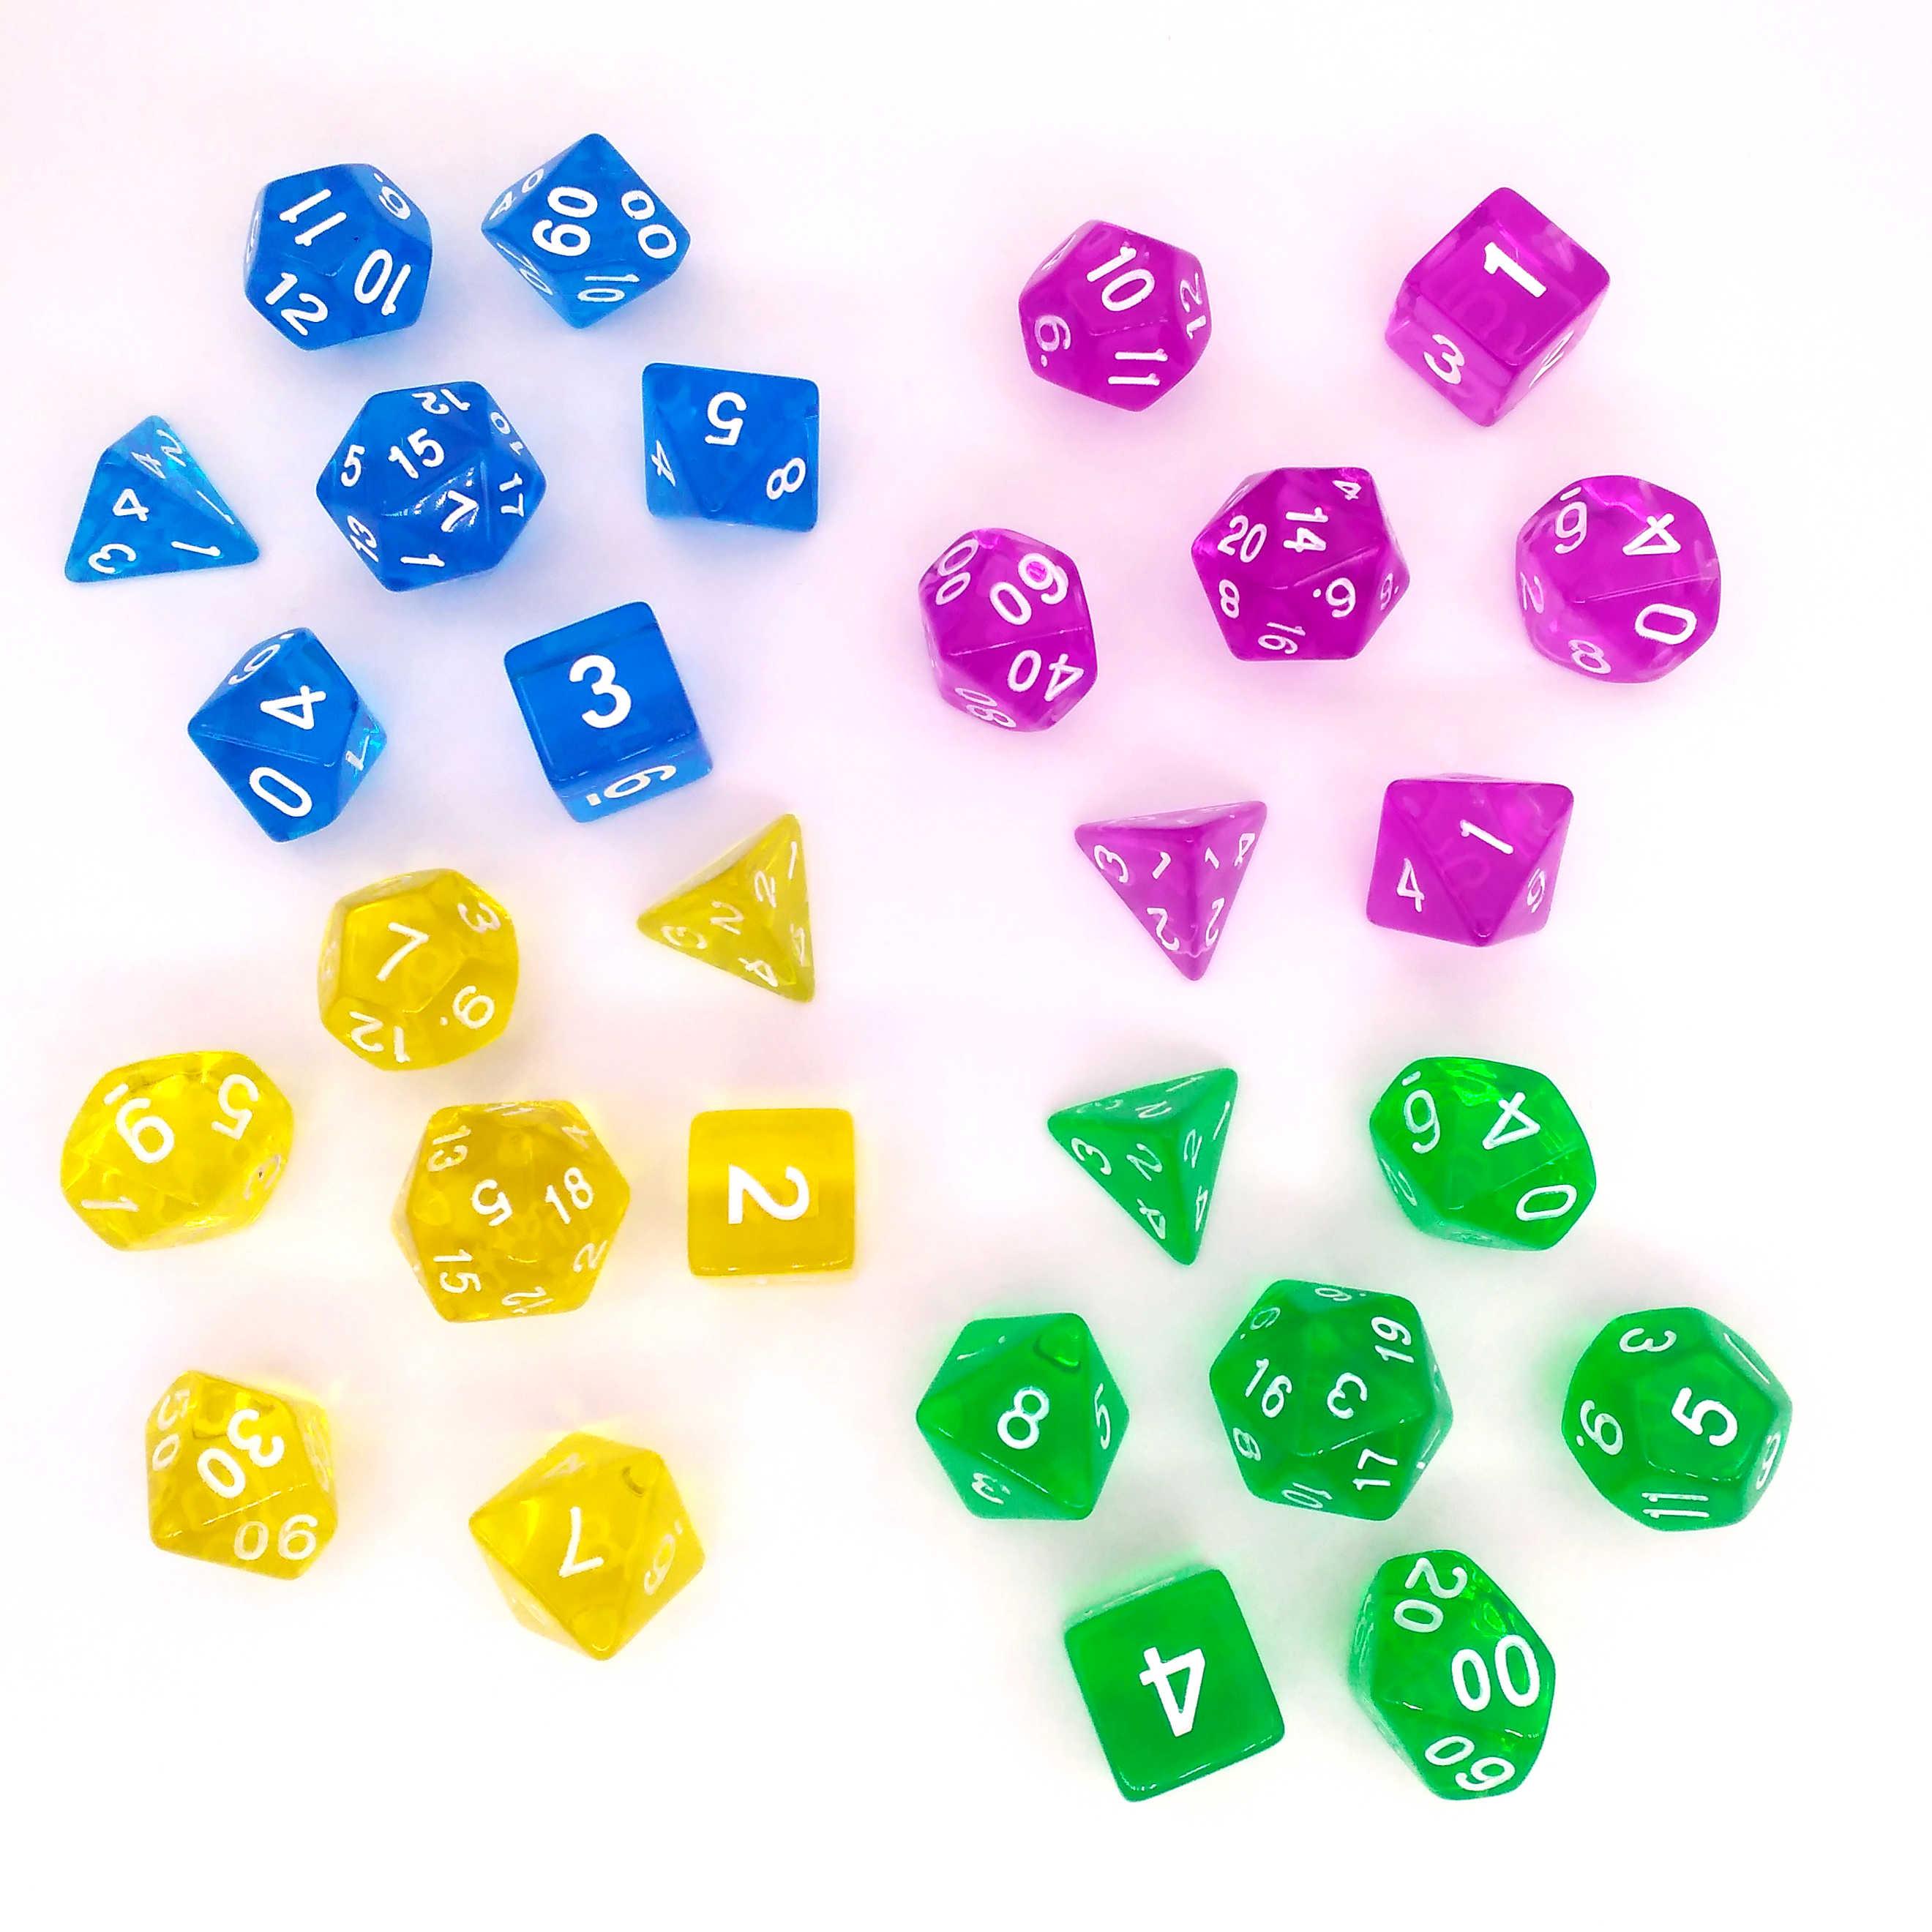 Titans Dd Würfel Set Farbe Sortiert Von 49 Stücke Kristall Marmorierung Poly Würfel D20 D10 D6 D4 Rpg Roll Würfel Spiele W Würfel Beutel Aliexpress